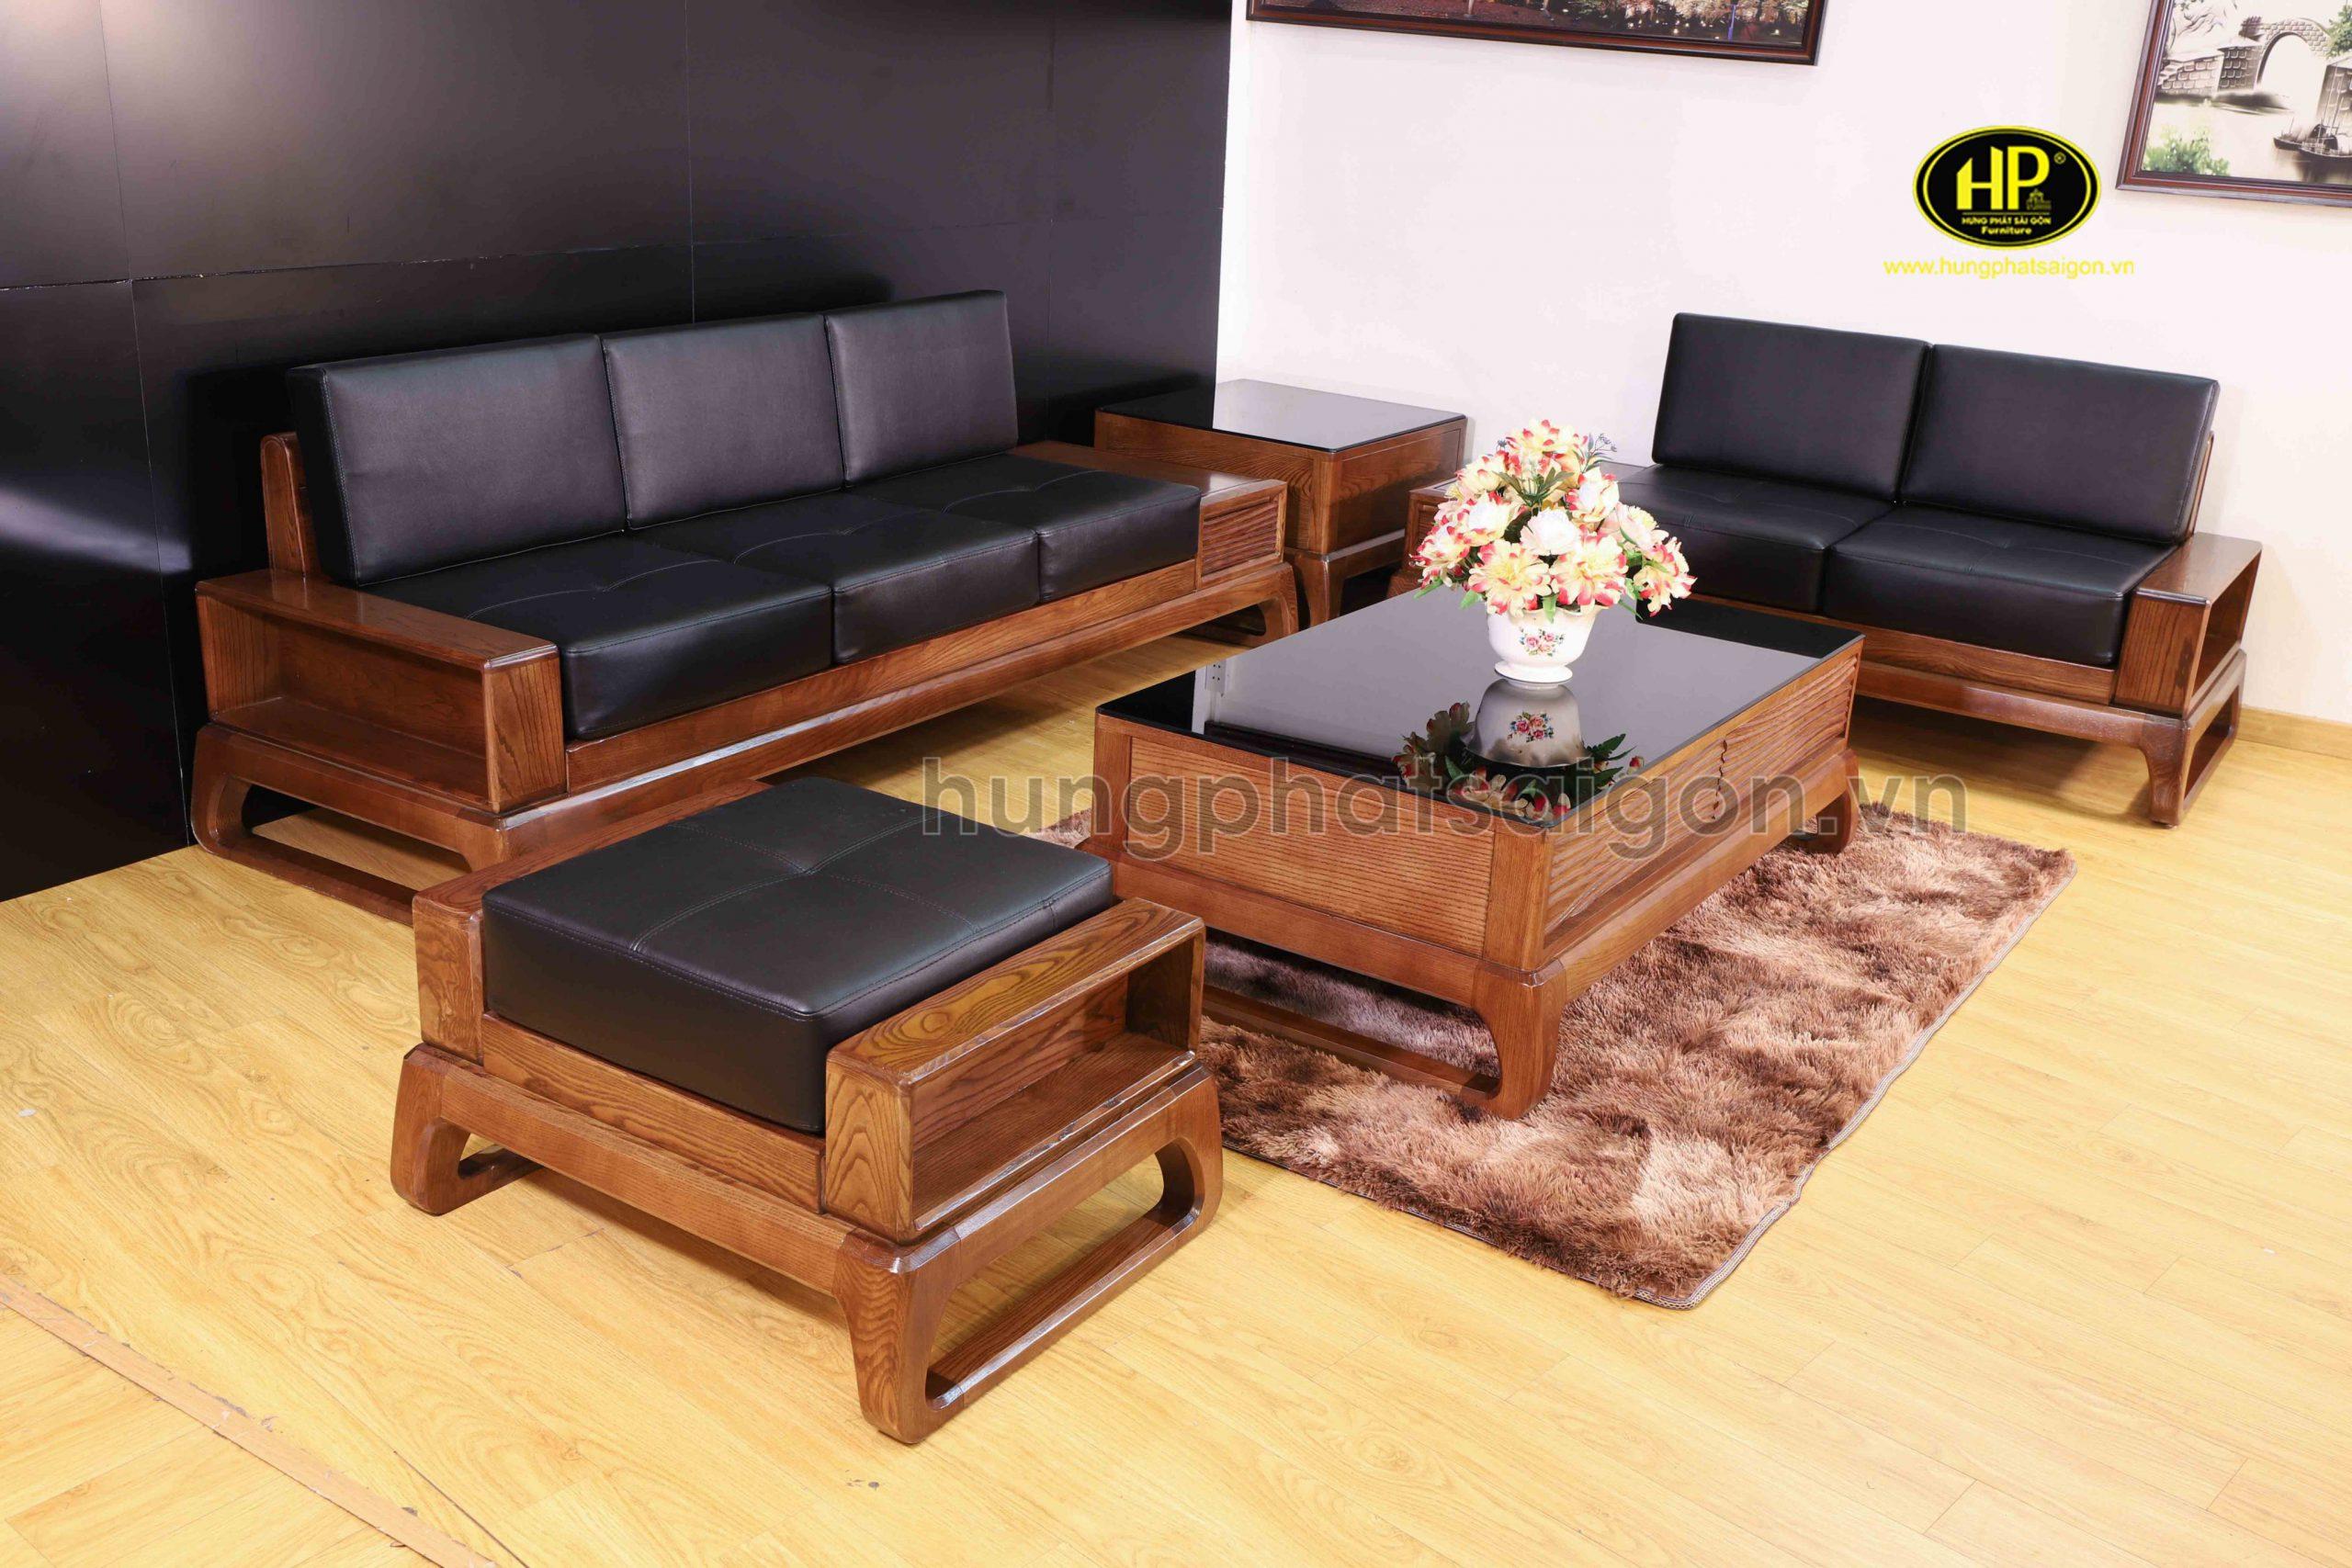 Ghế sofa gỗ sồi cao cấp HS-19A